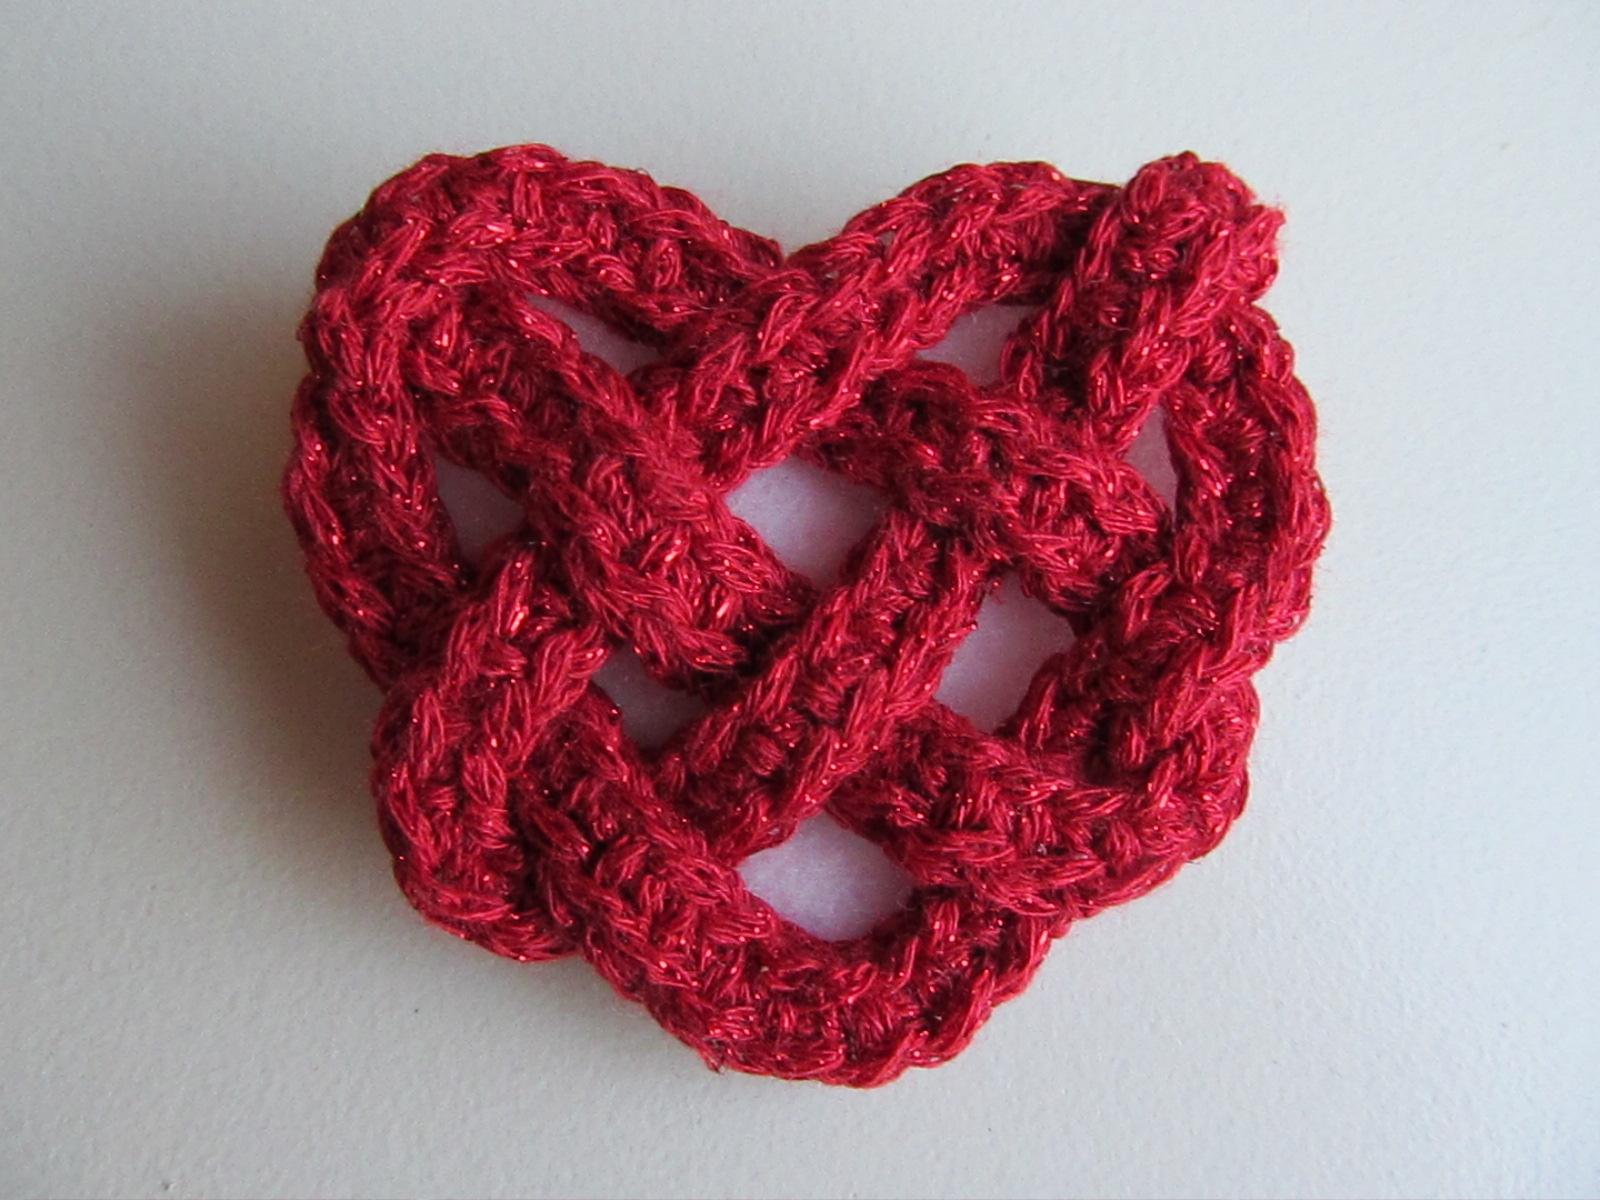 Celtic Knot Crochet Celtic Knot Crochet Products